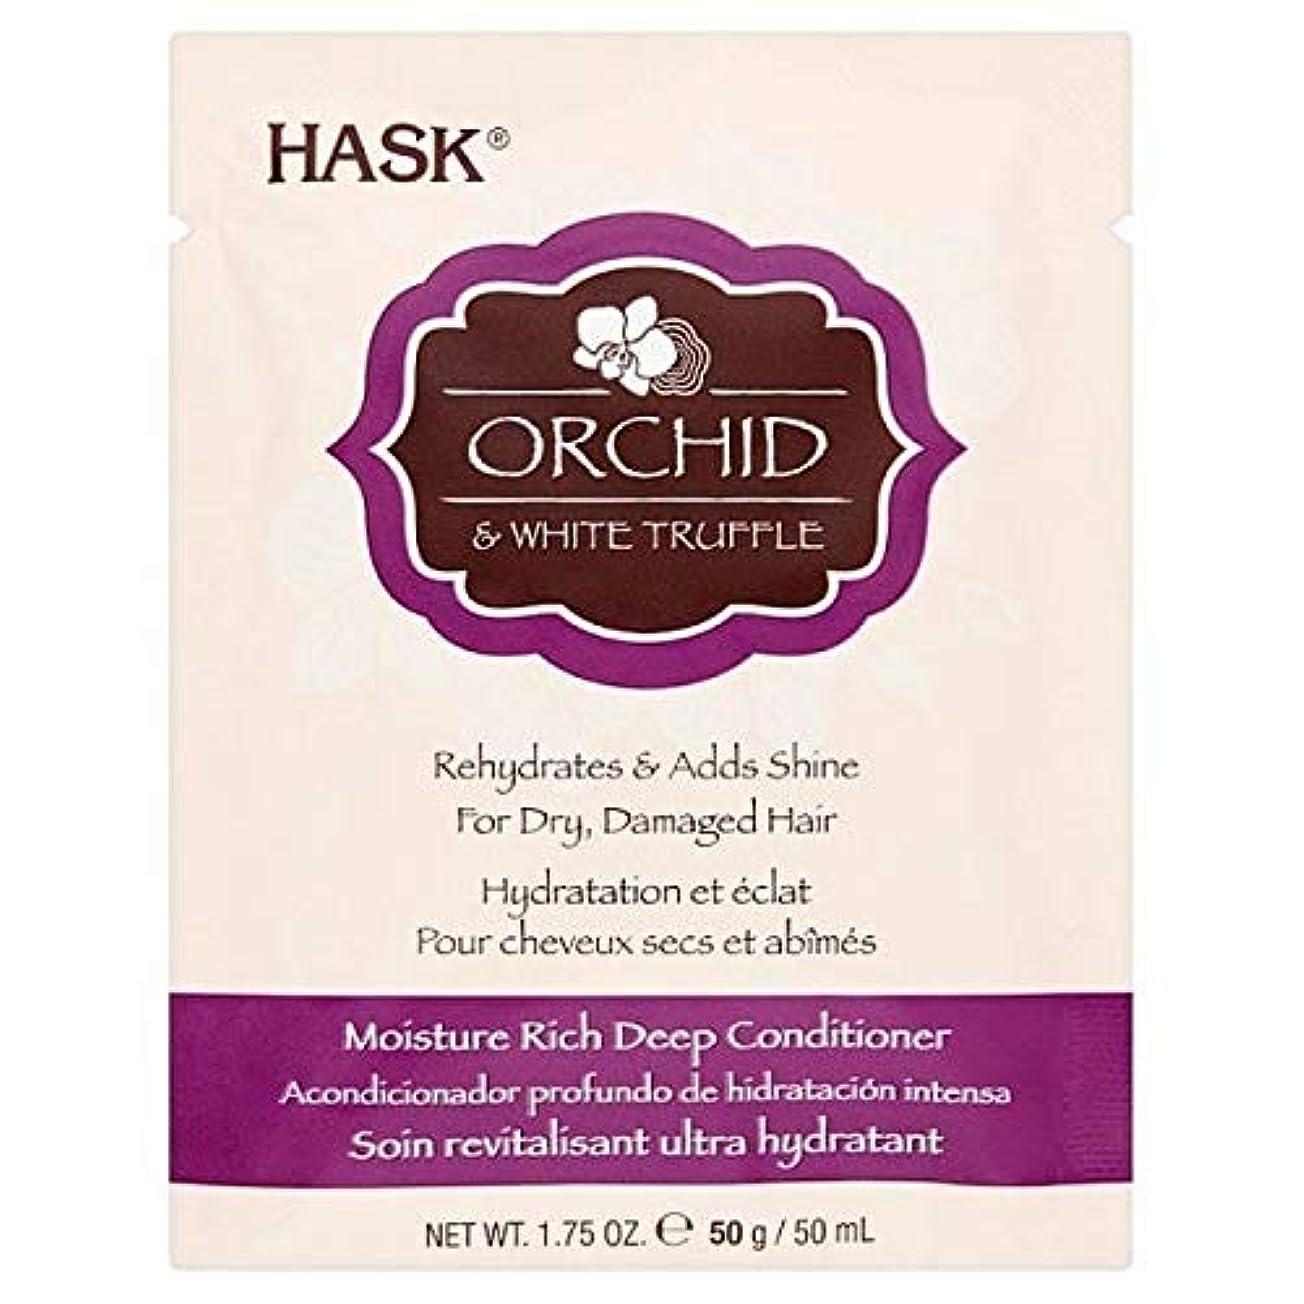 イサカ焼く資本[Hask] Hask蘭&白トリュフ深いコンディショニングサシェ50グラム - HASK Orchid & White Truffle Deep Conditioning Sachet 50g [並行輸入品]